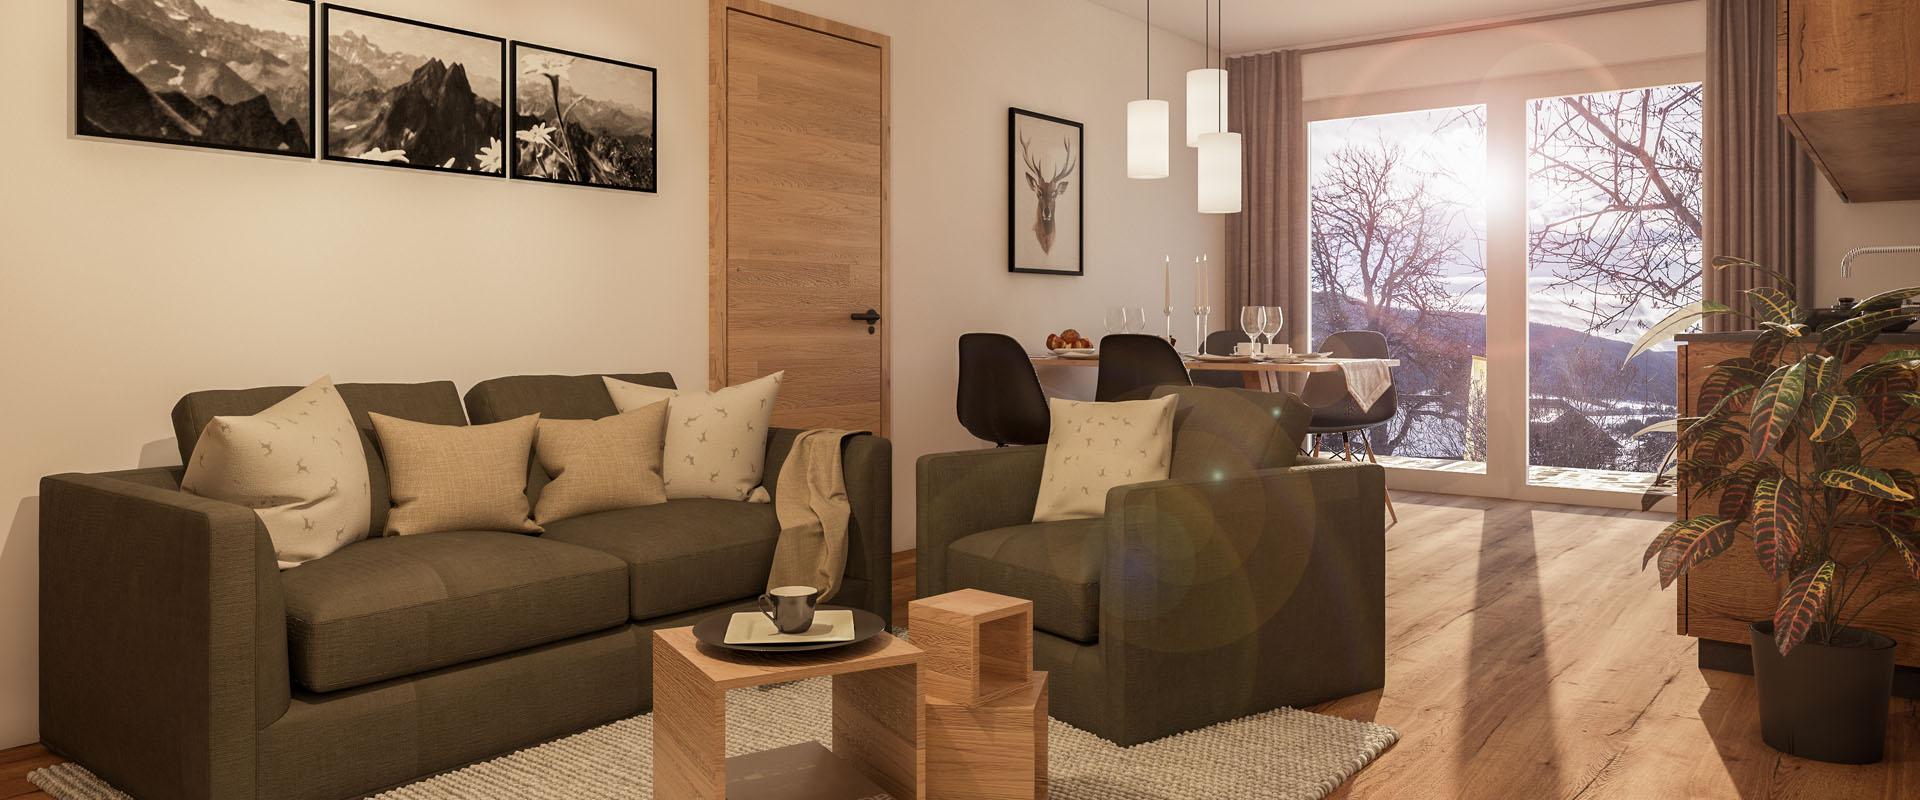 Appartement / Ferienwohnung kaufen Lungau